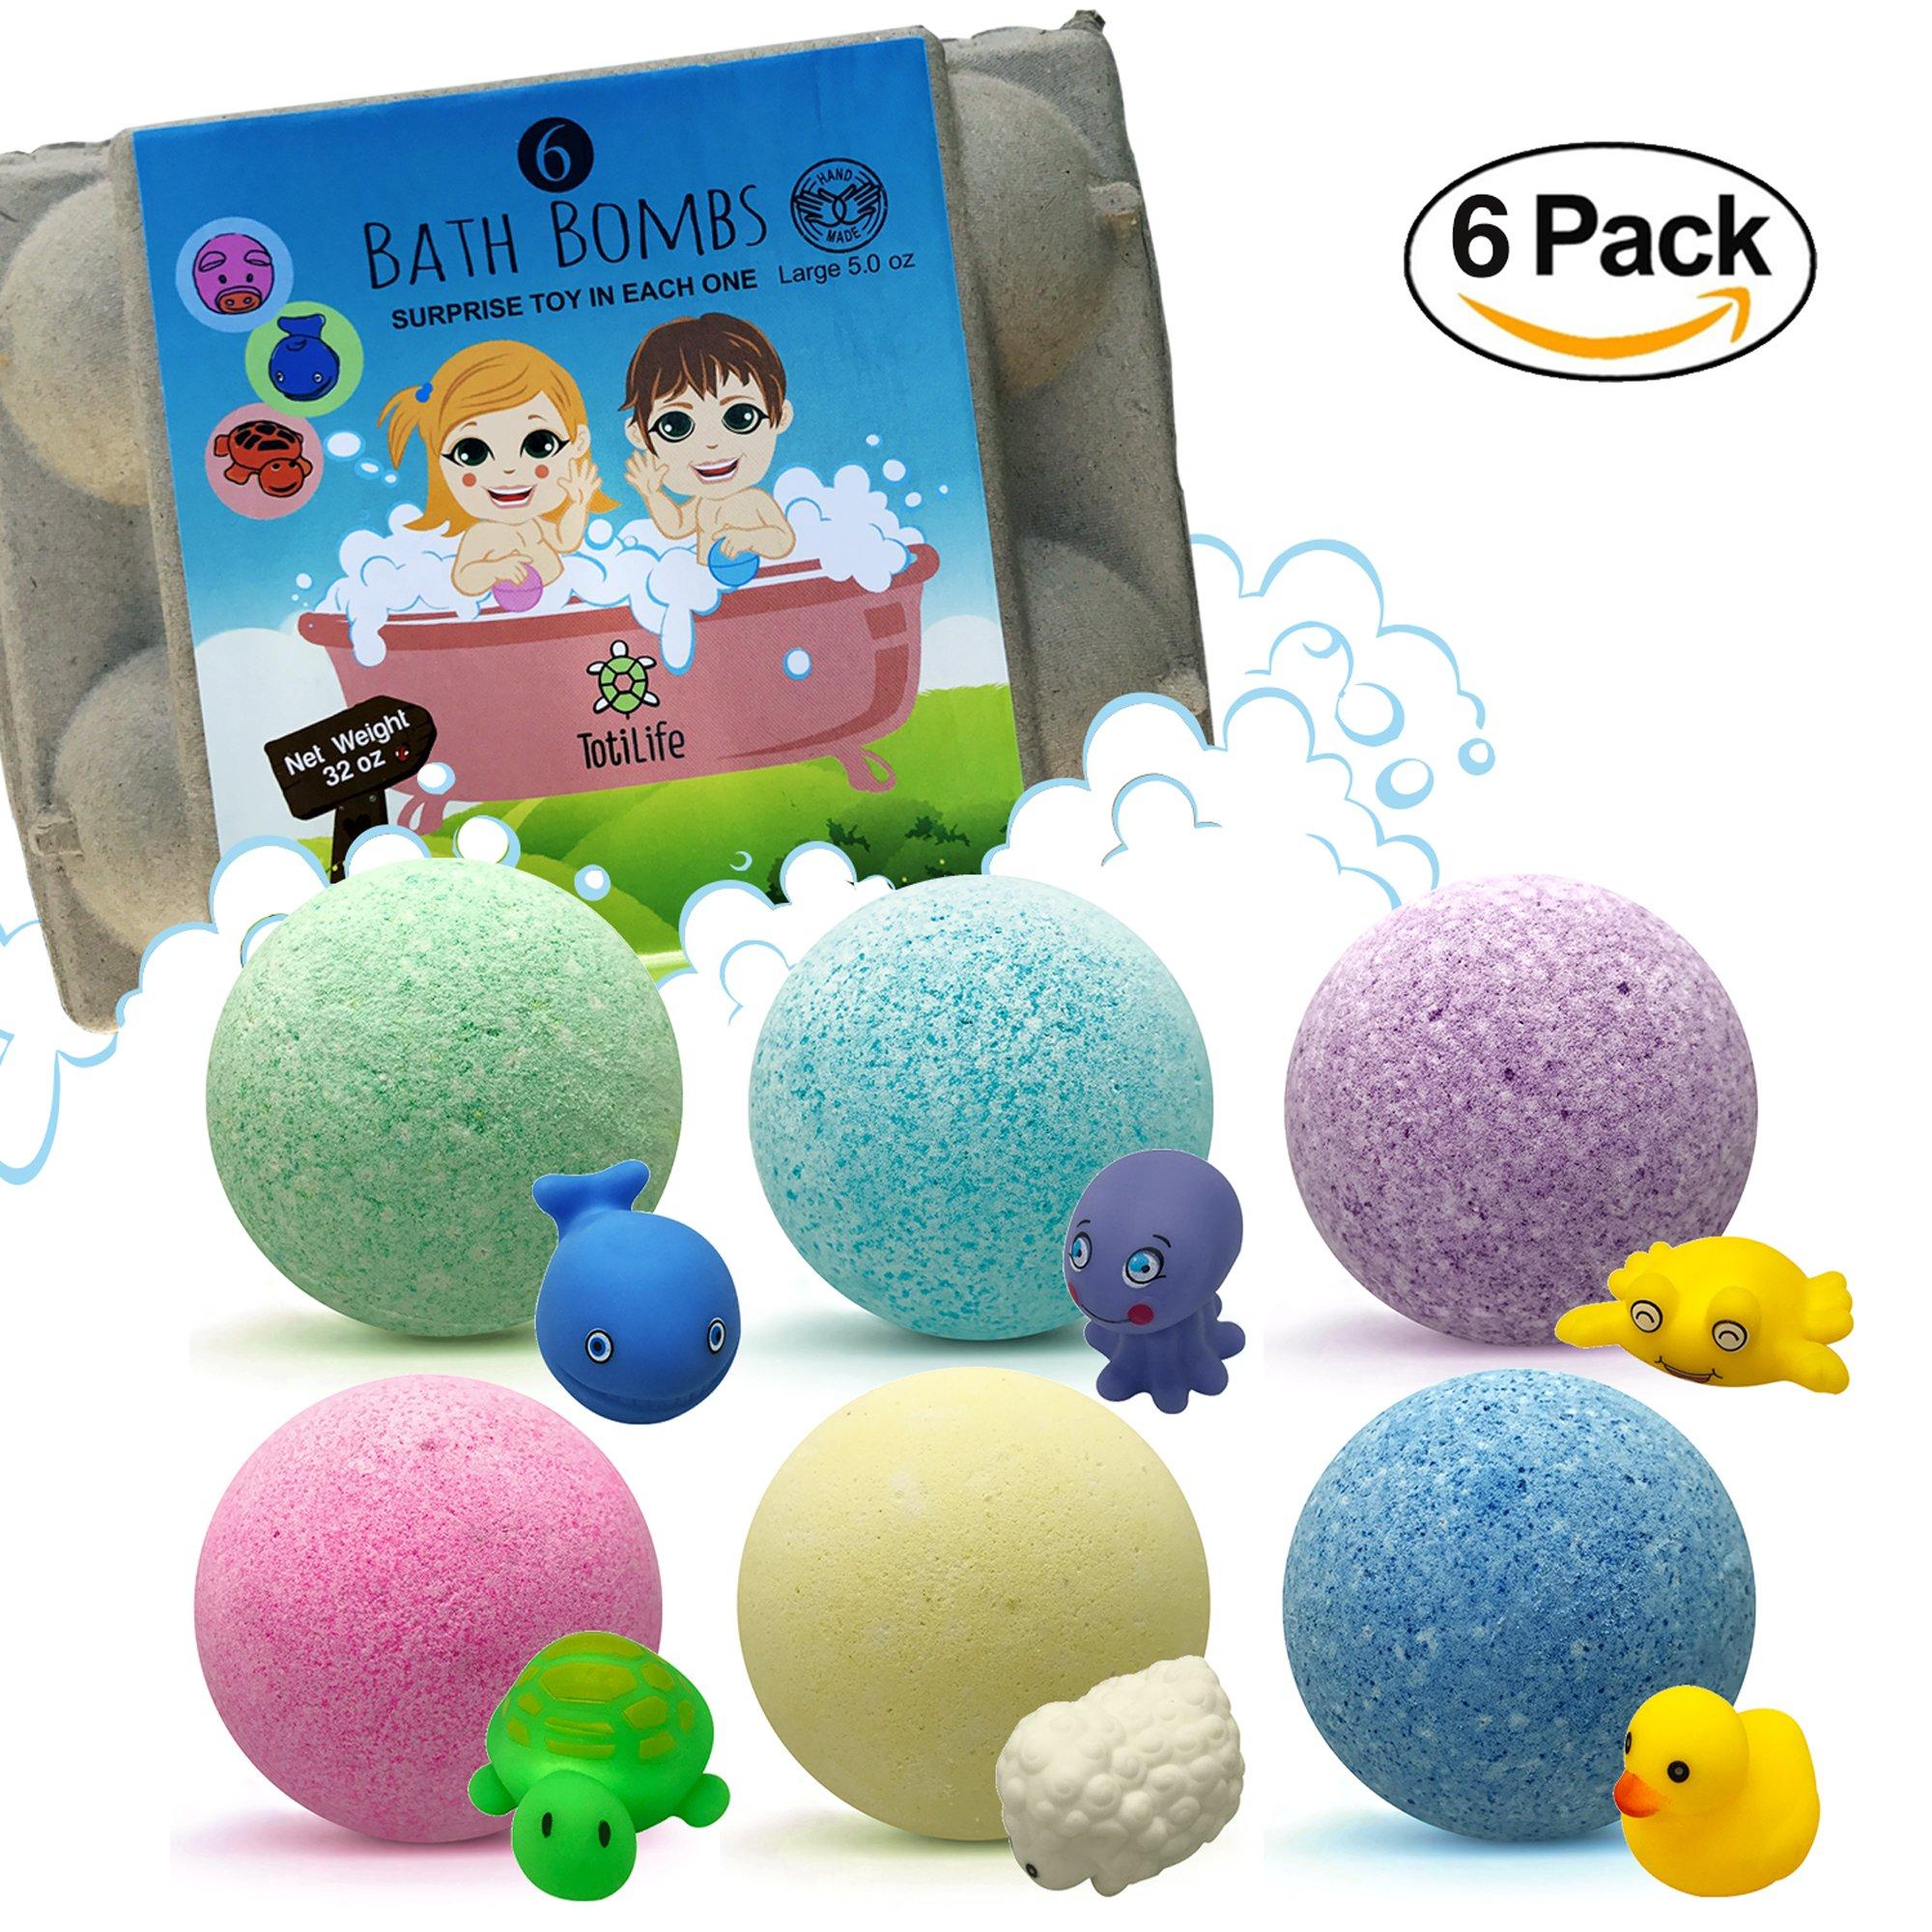 Amazon Kids Bath Bombs Gift Set with Surprise Toys 6x5oz